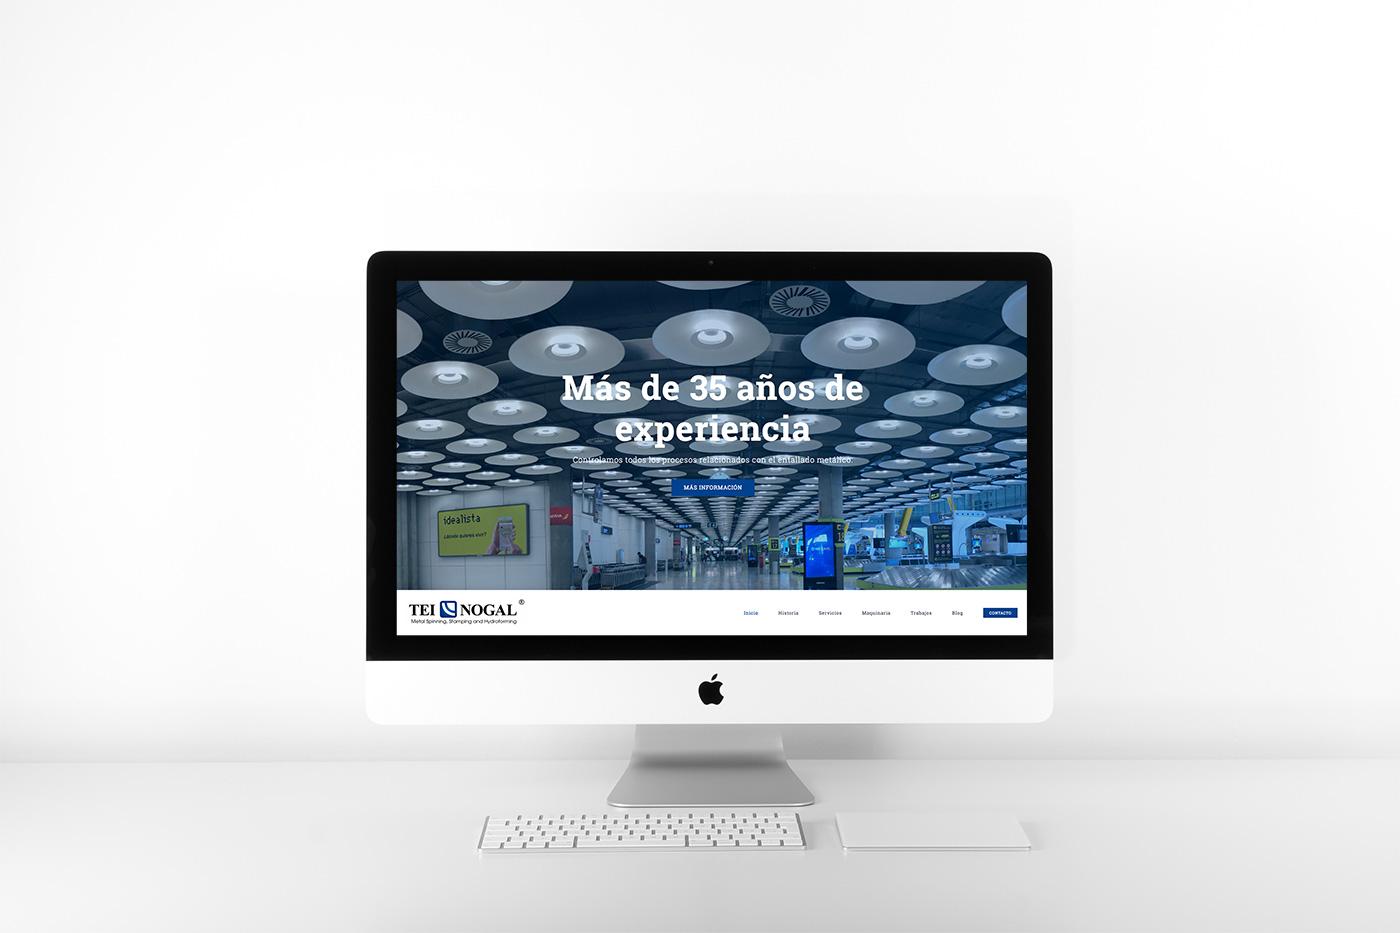 Nueva web de teinogal